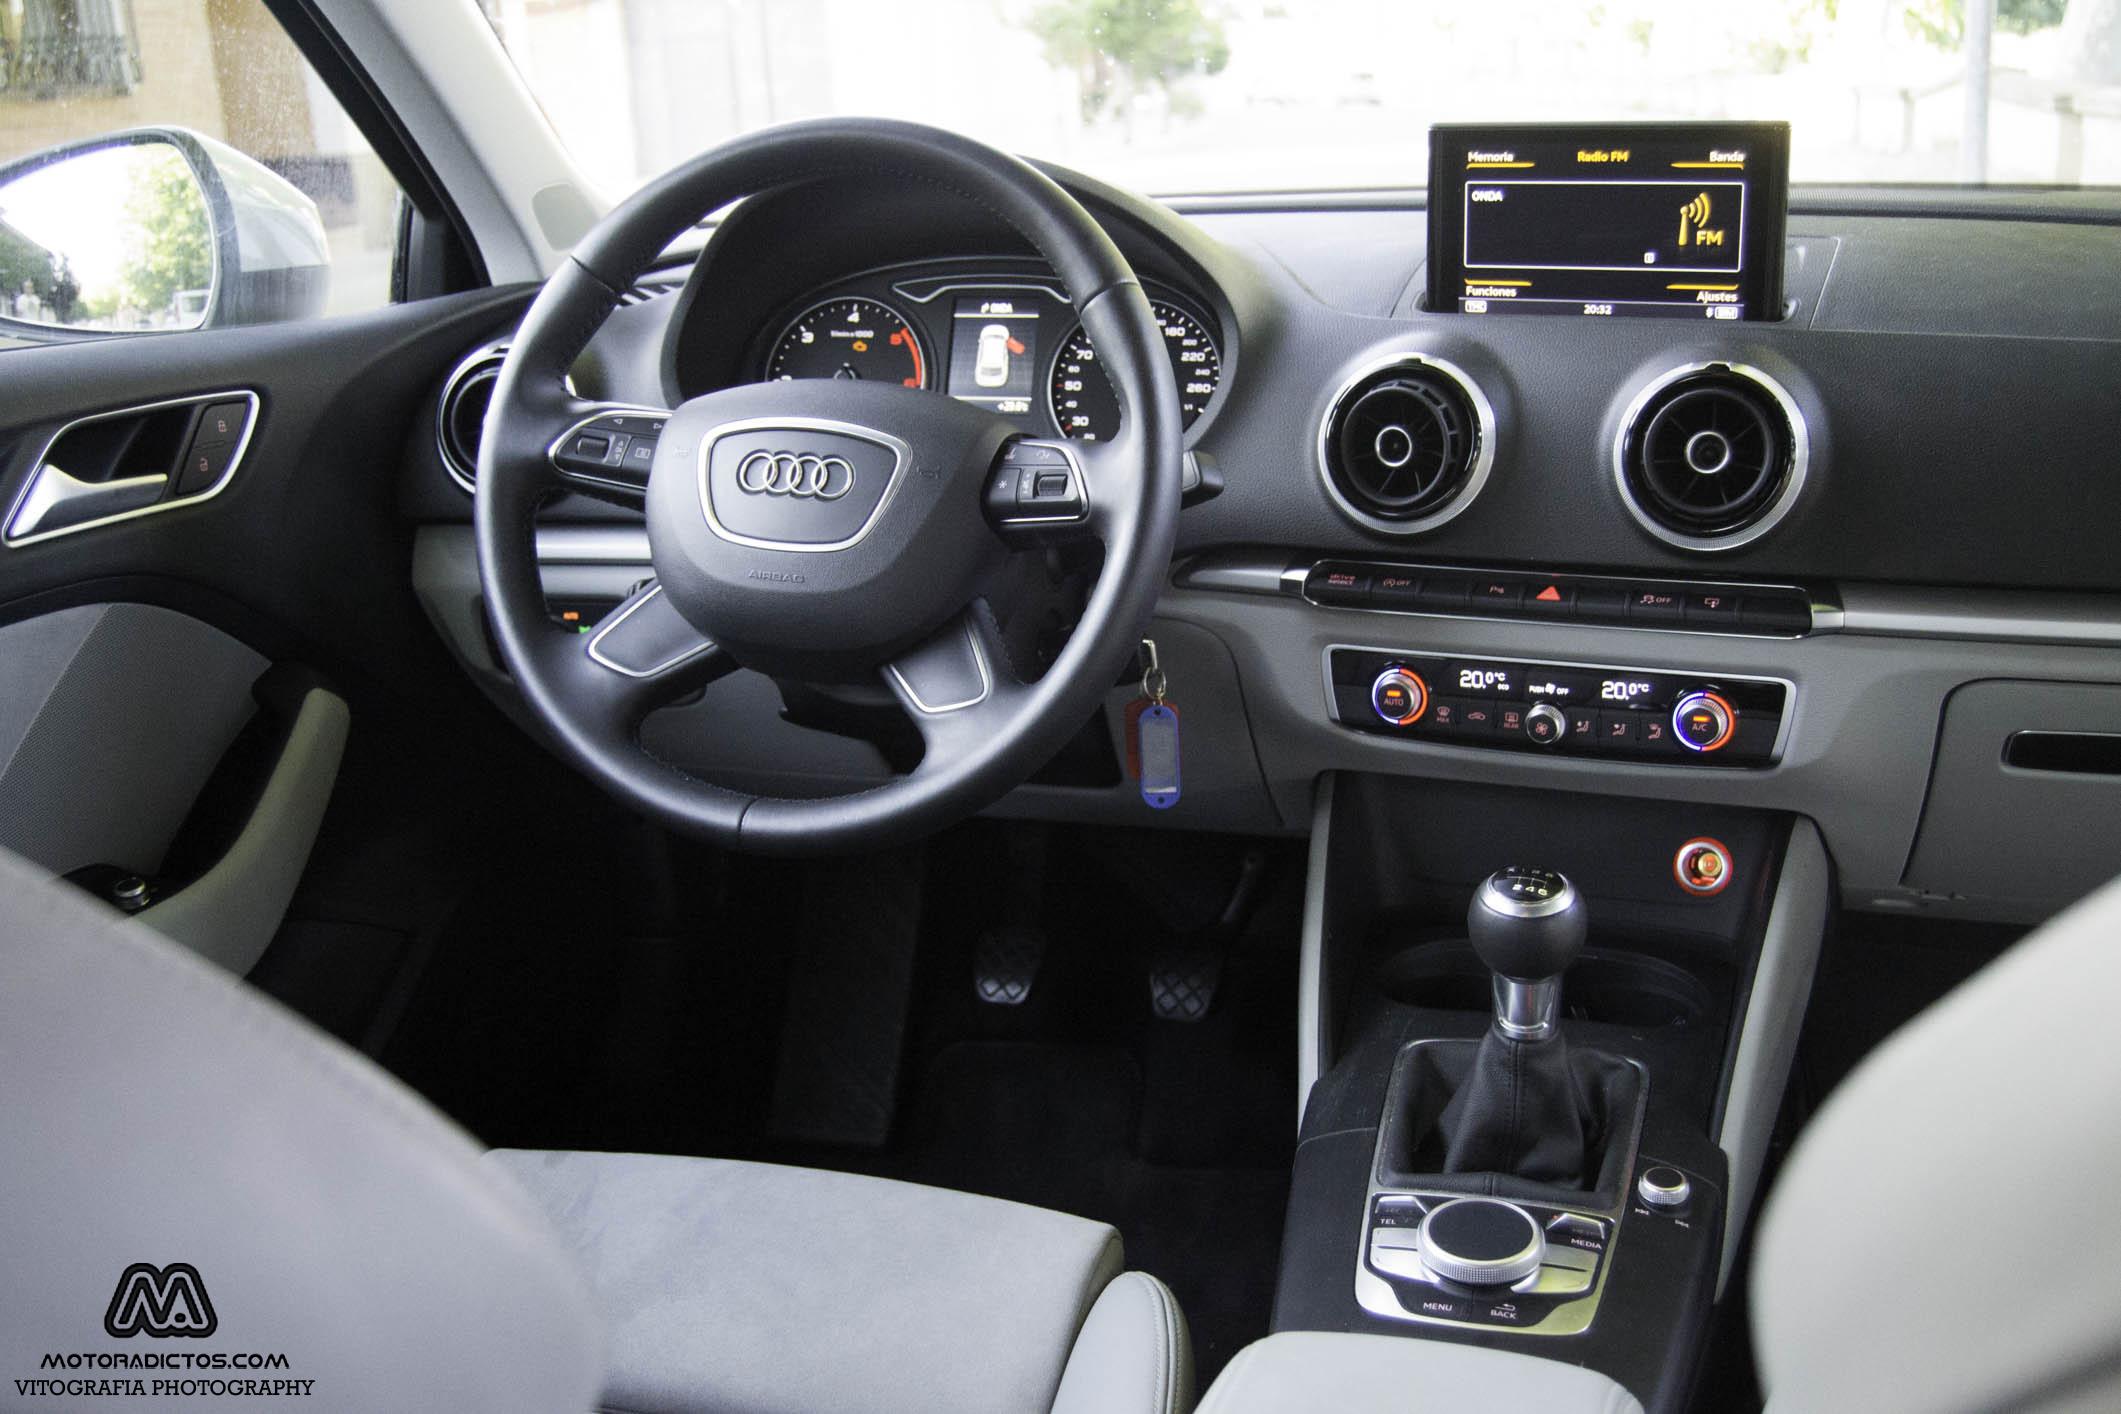 Prueba: Audi A3 1.6 TDI Ultra 110 CV (diseño, habitáculo, mecánica) 7